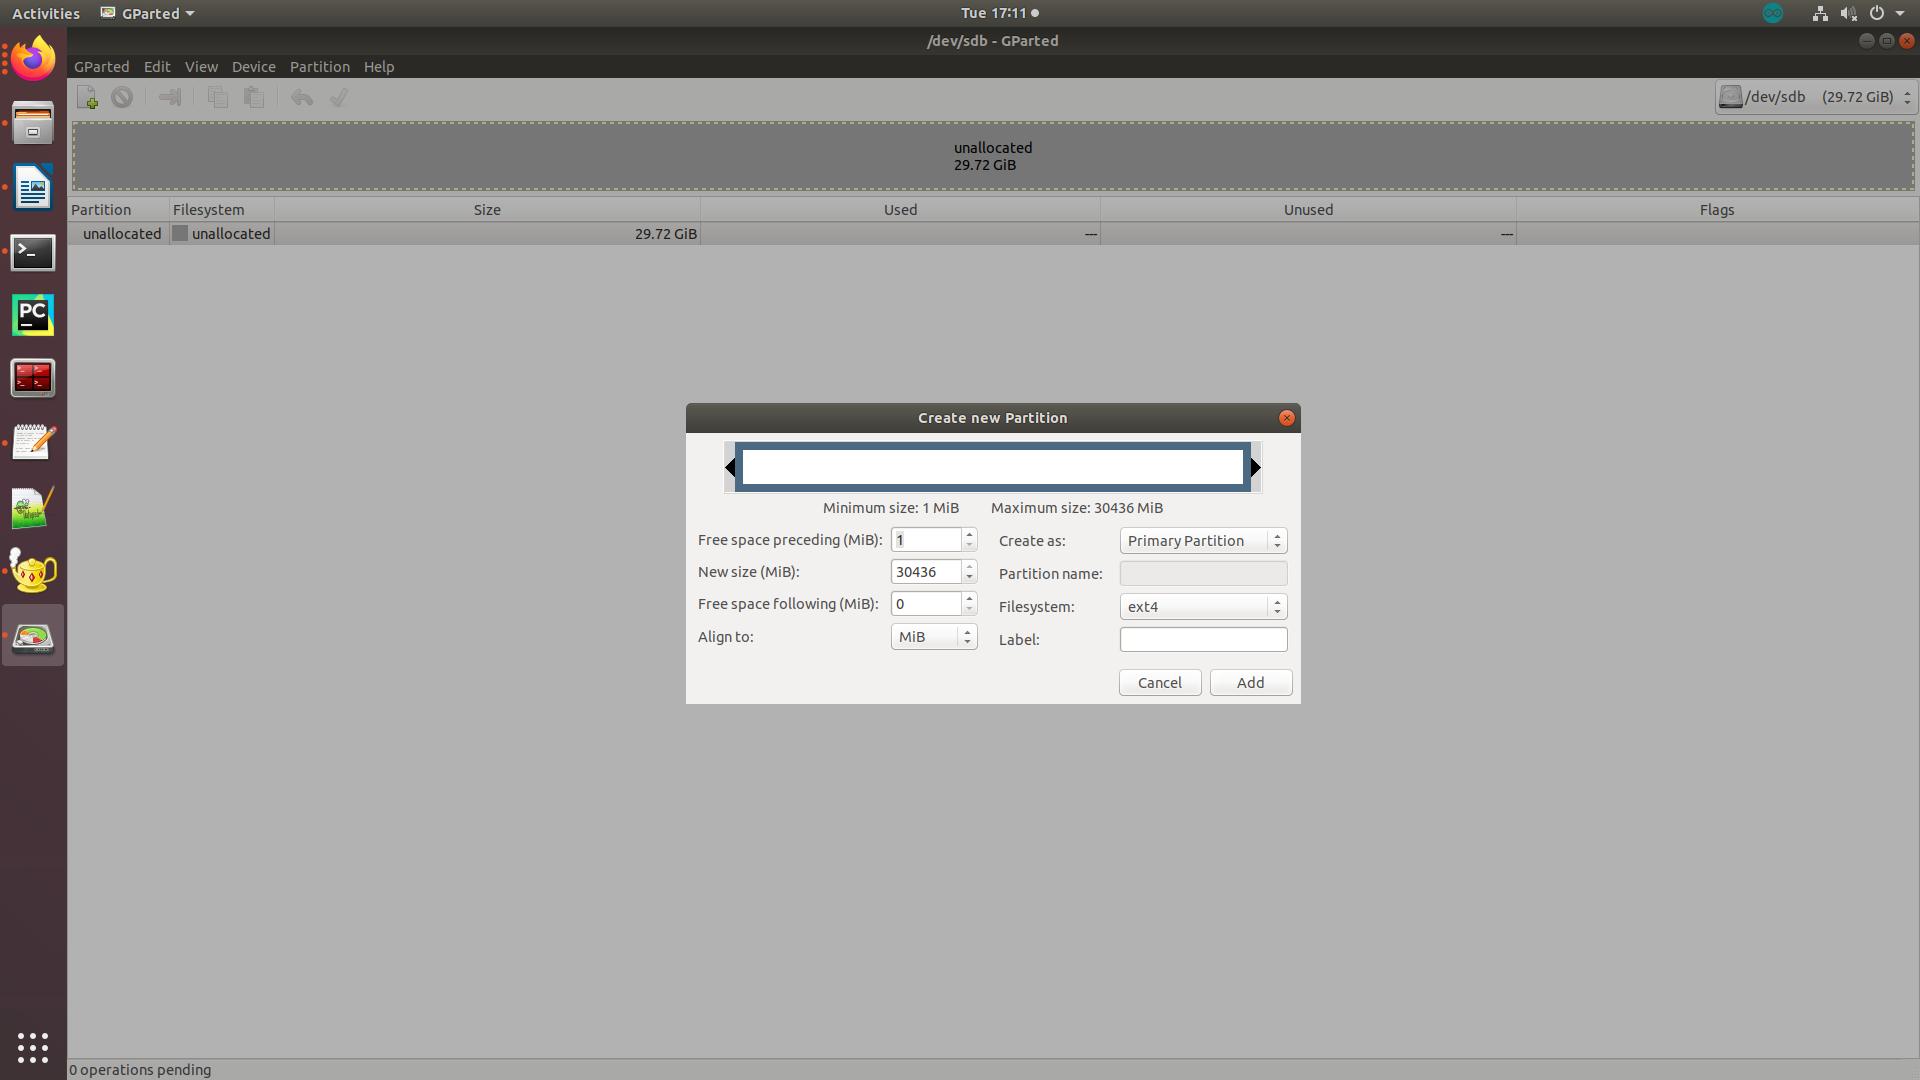 Screenshot from 2020-02-11 17-11-49